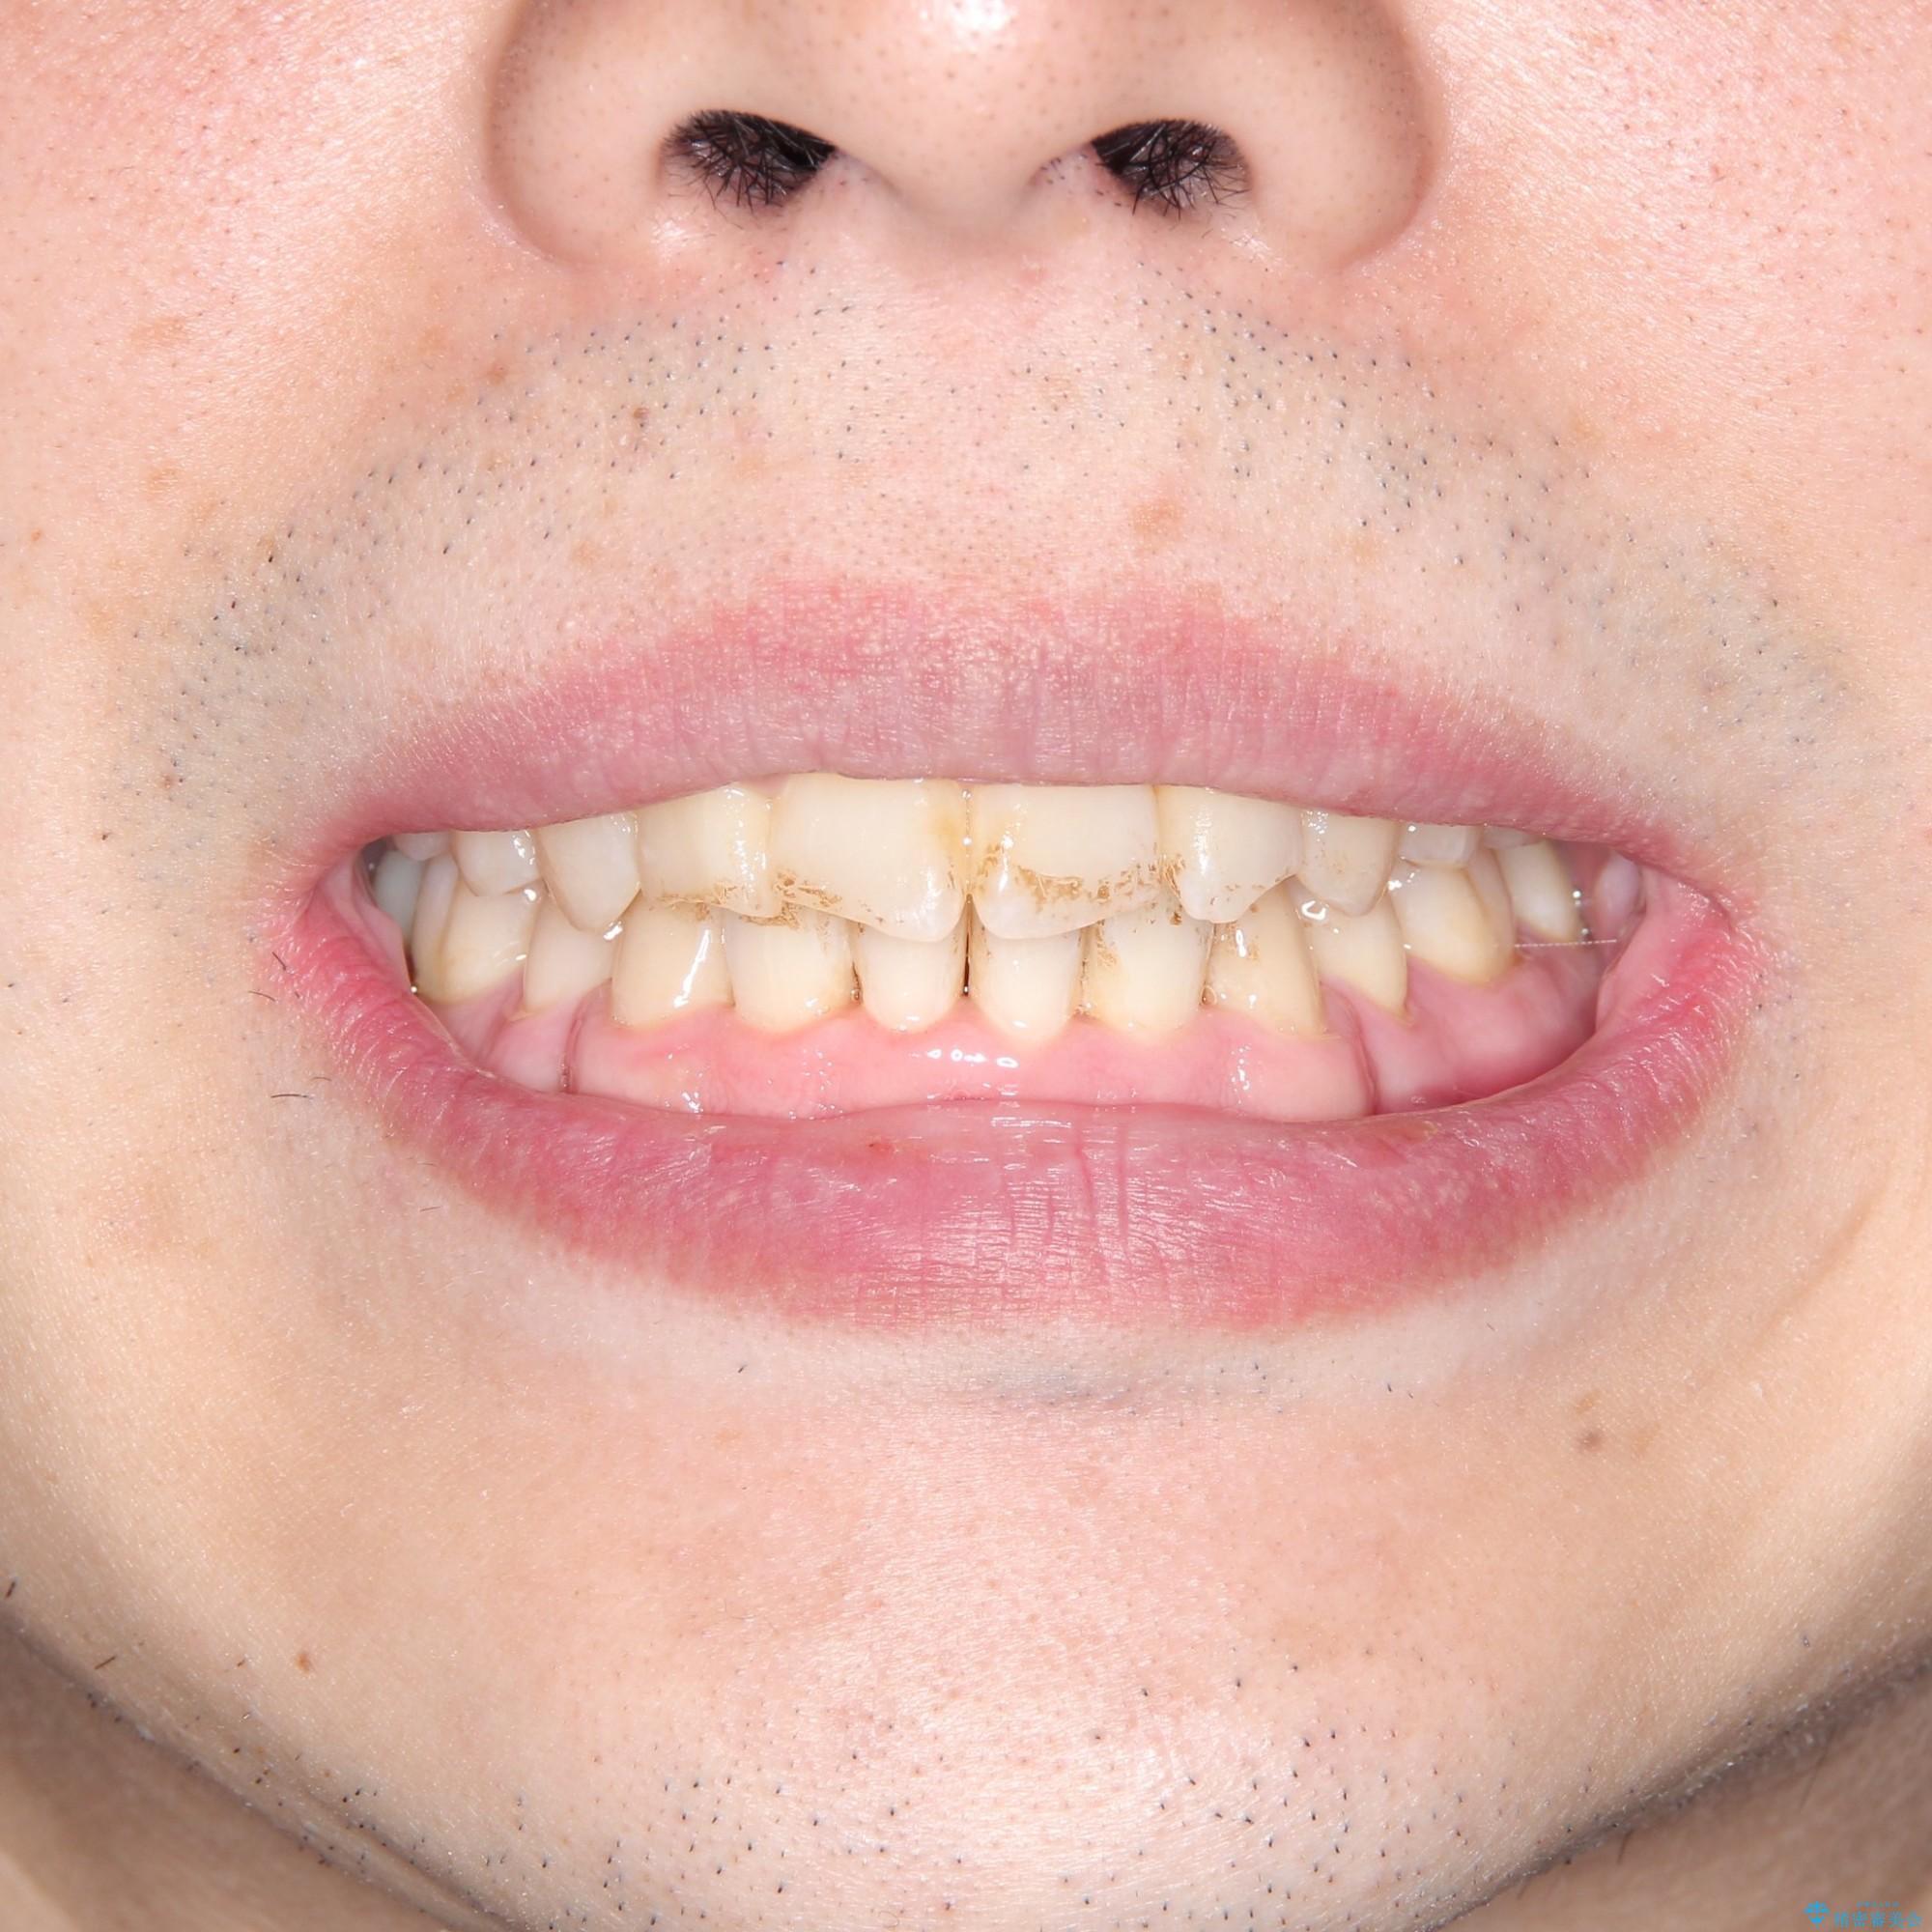 重度のガタつき 表のワイヤー矯正の治療後(顔貌)